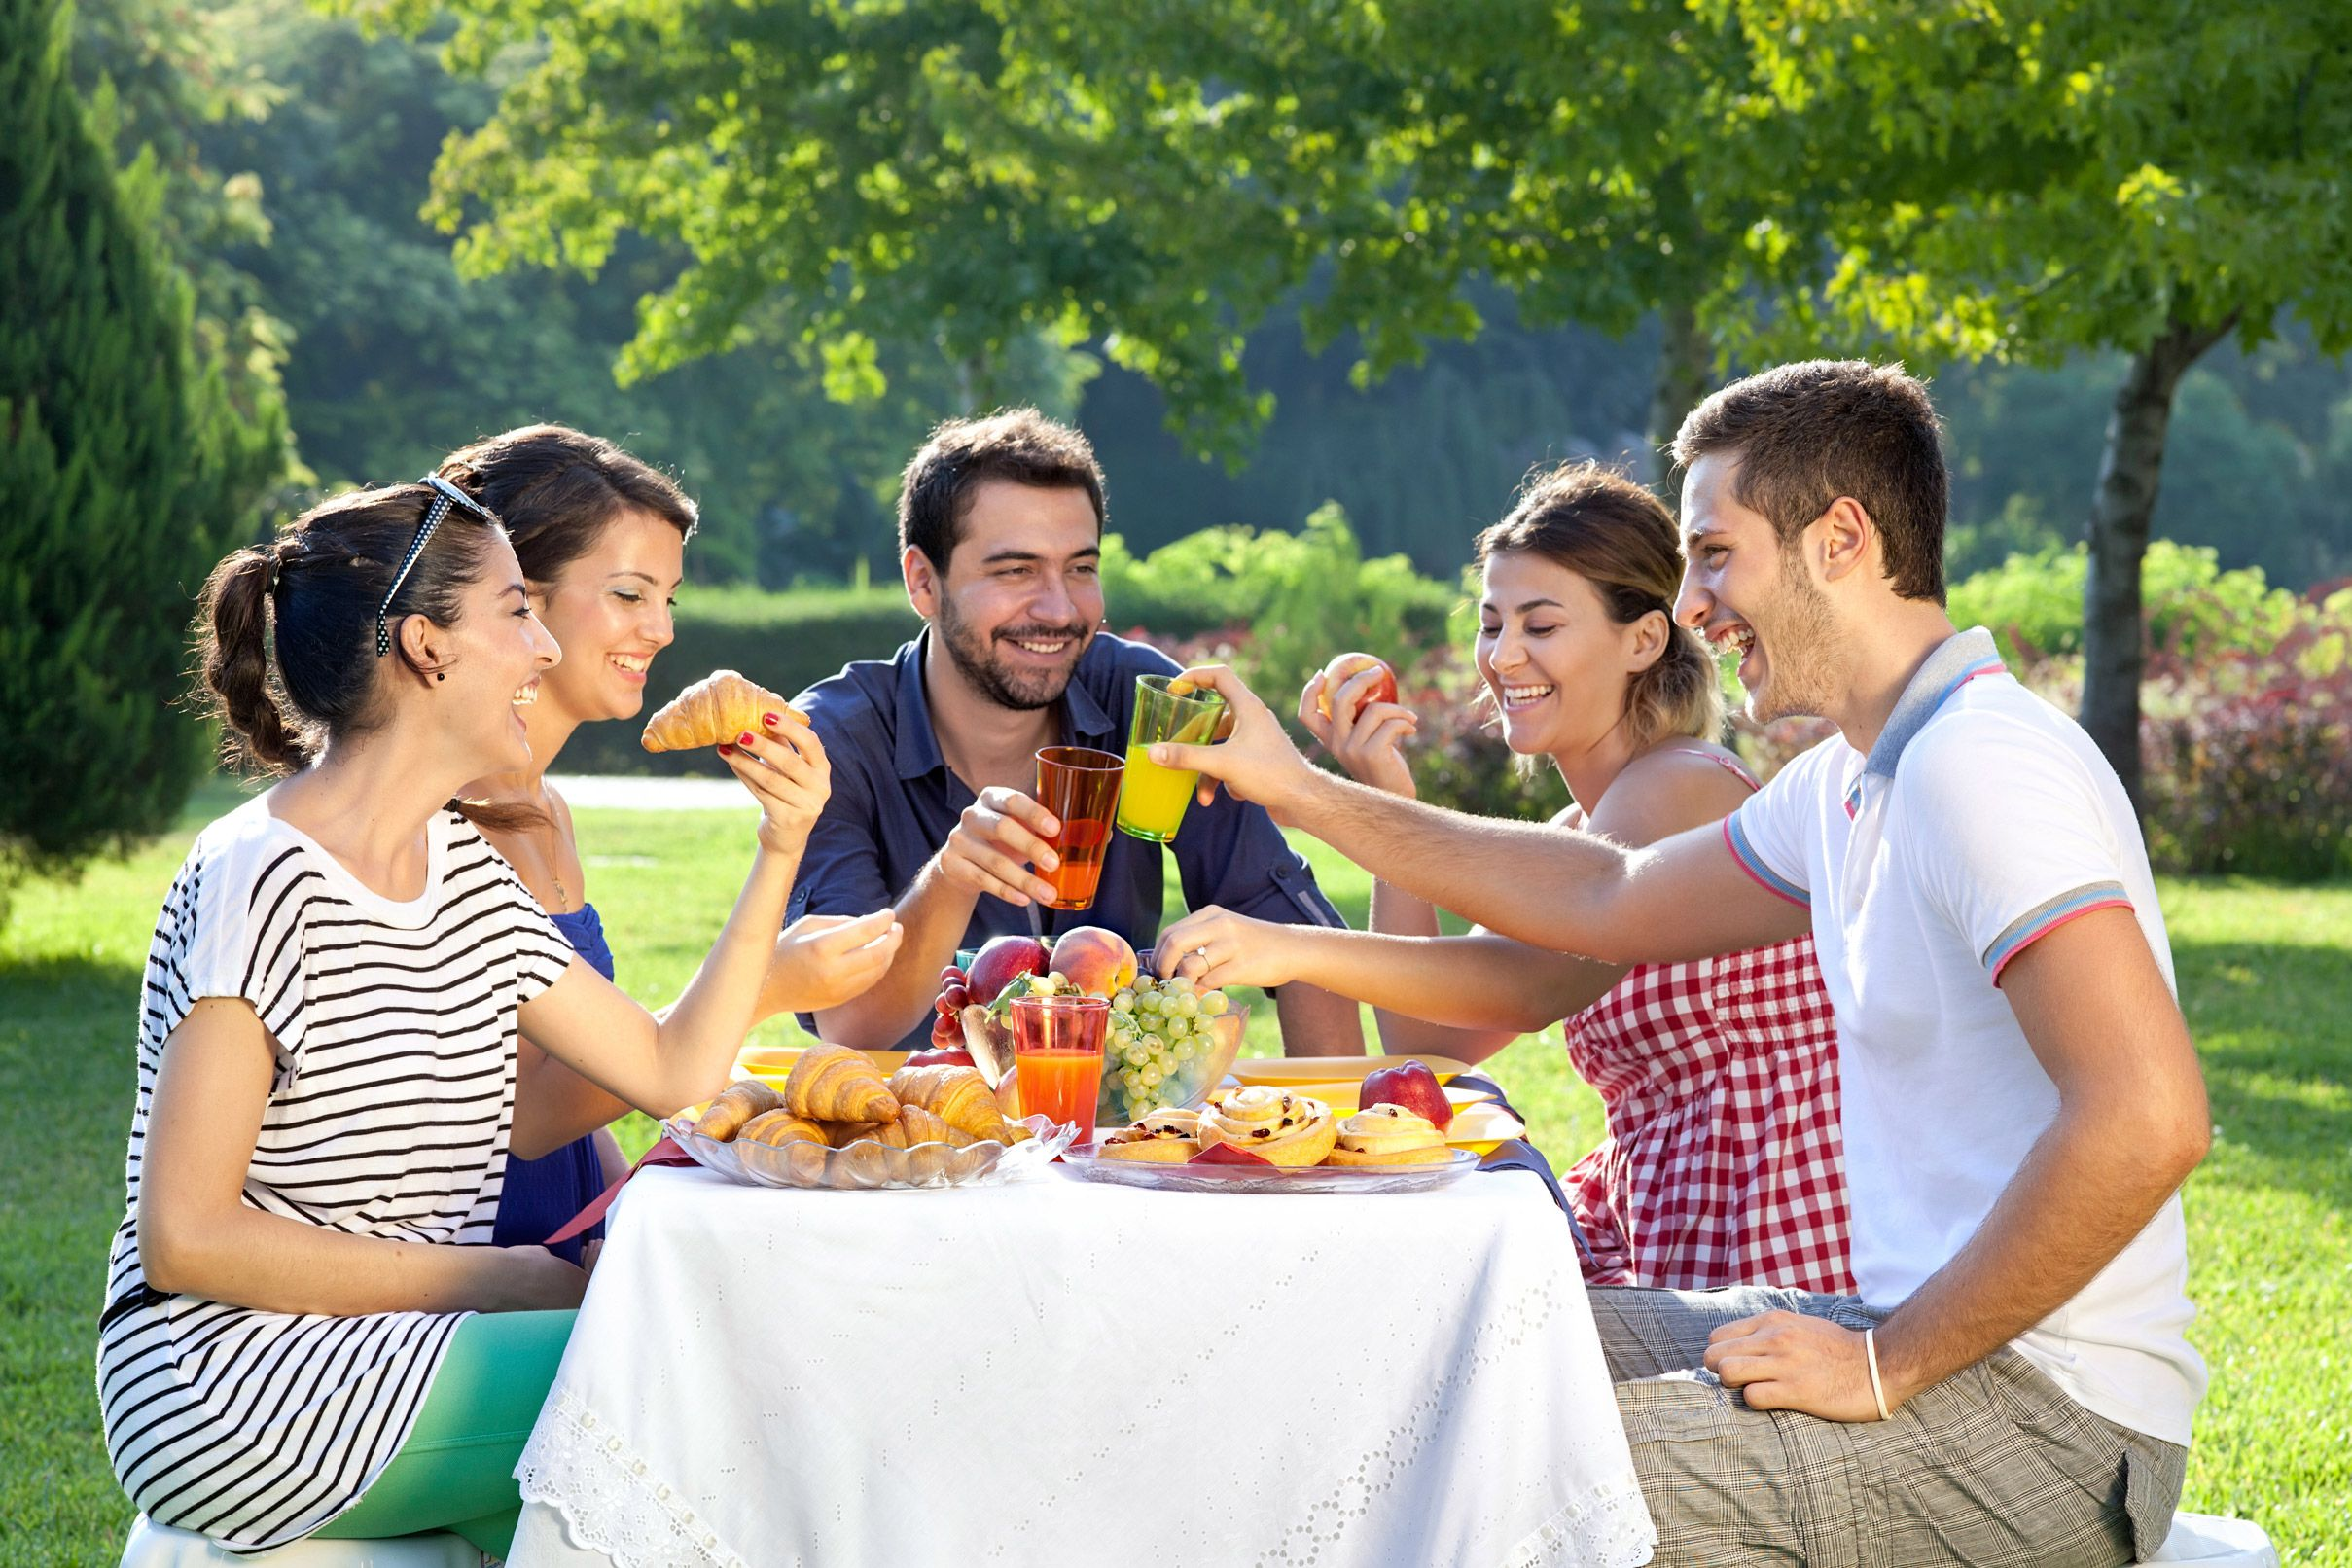 Пикник с друзьями картинки